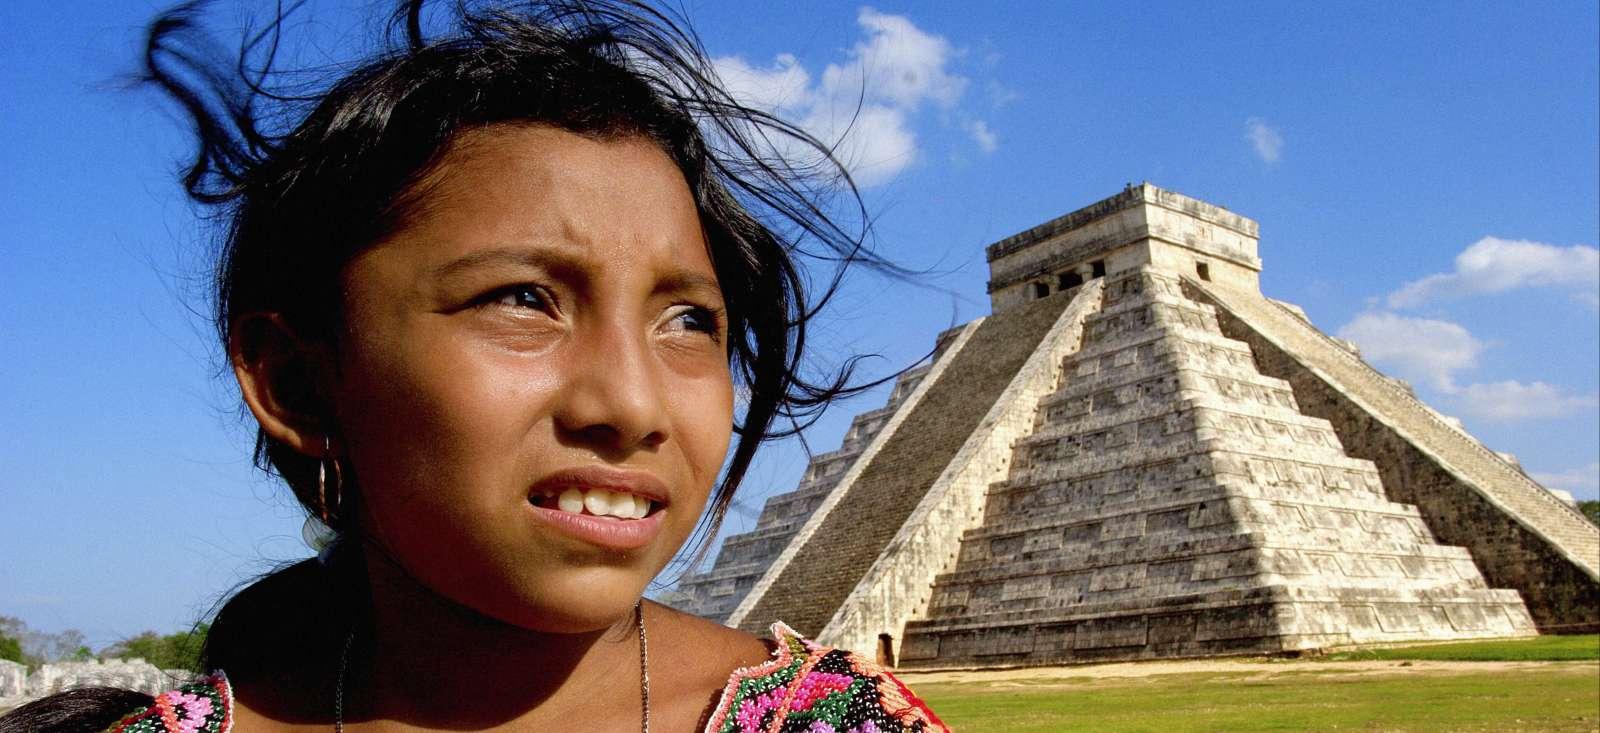 Voyage à pied : Au pays de Maya la belle